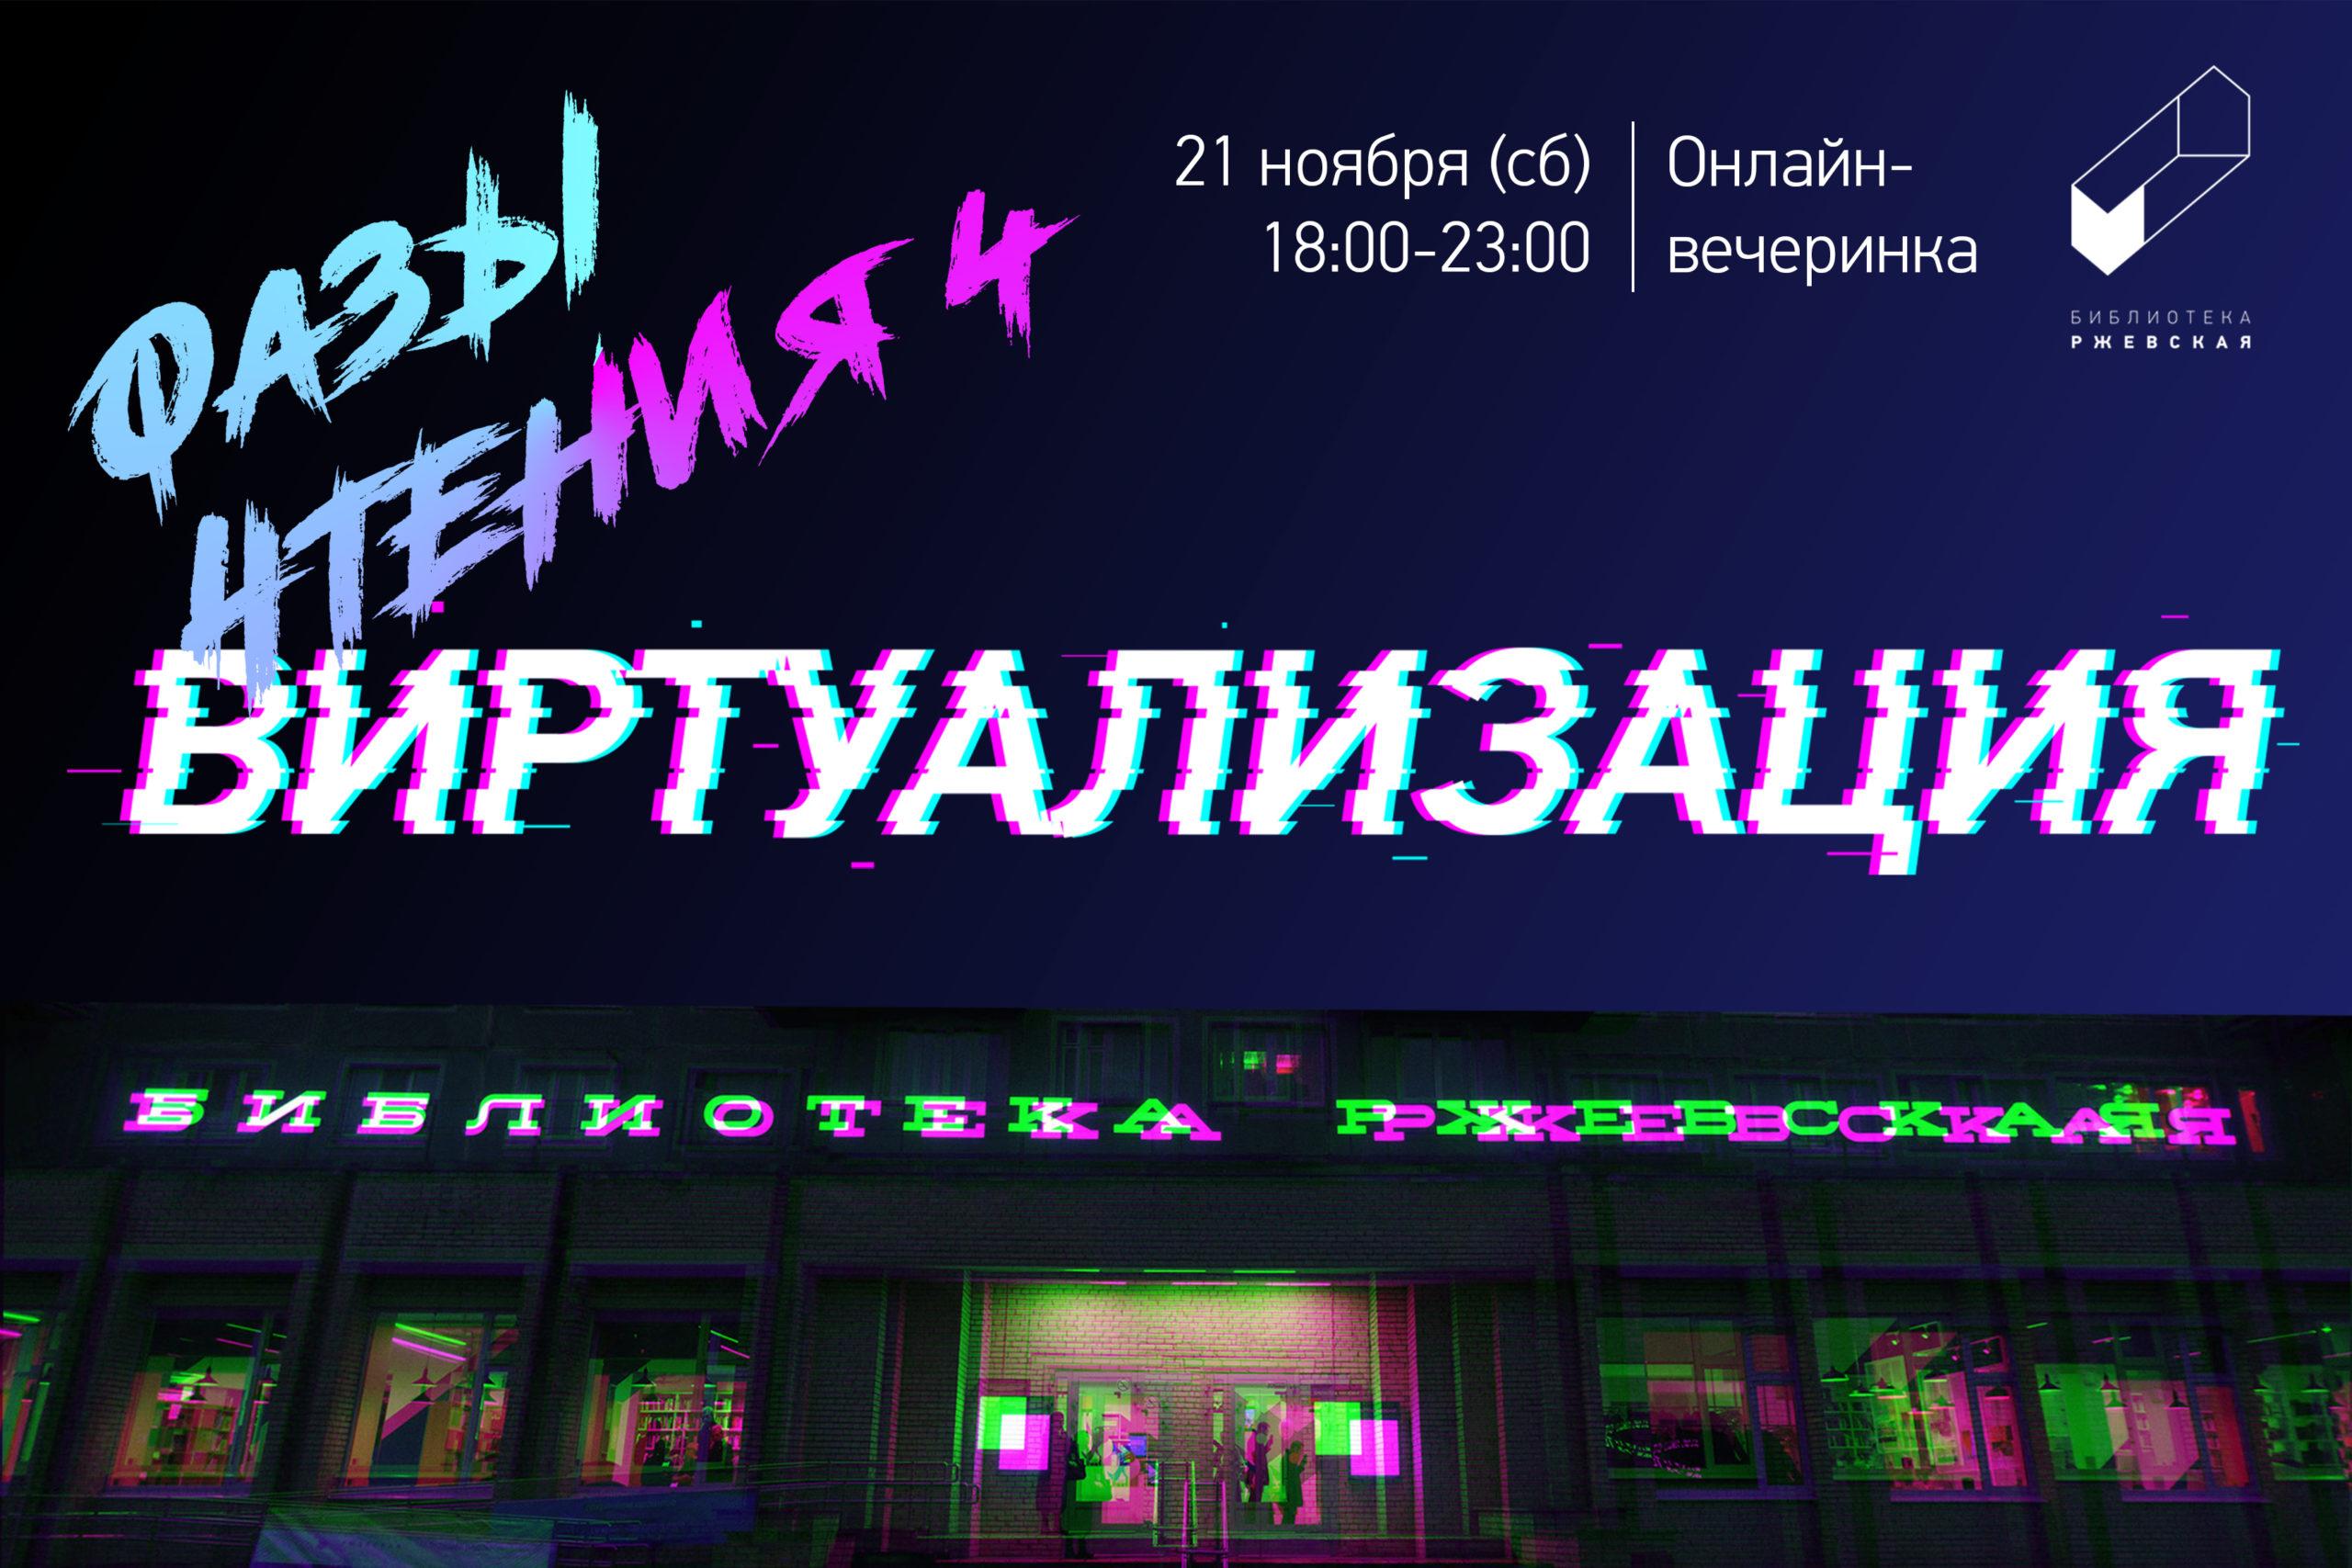 Библиотека «Ржевская» проведет онлайн-вечеринку_5fb60a58e45b9.jpeg